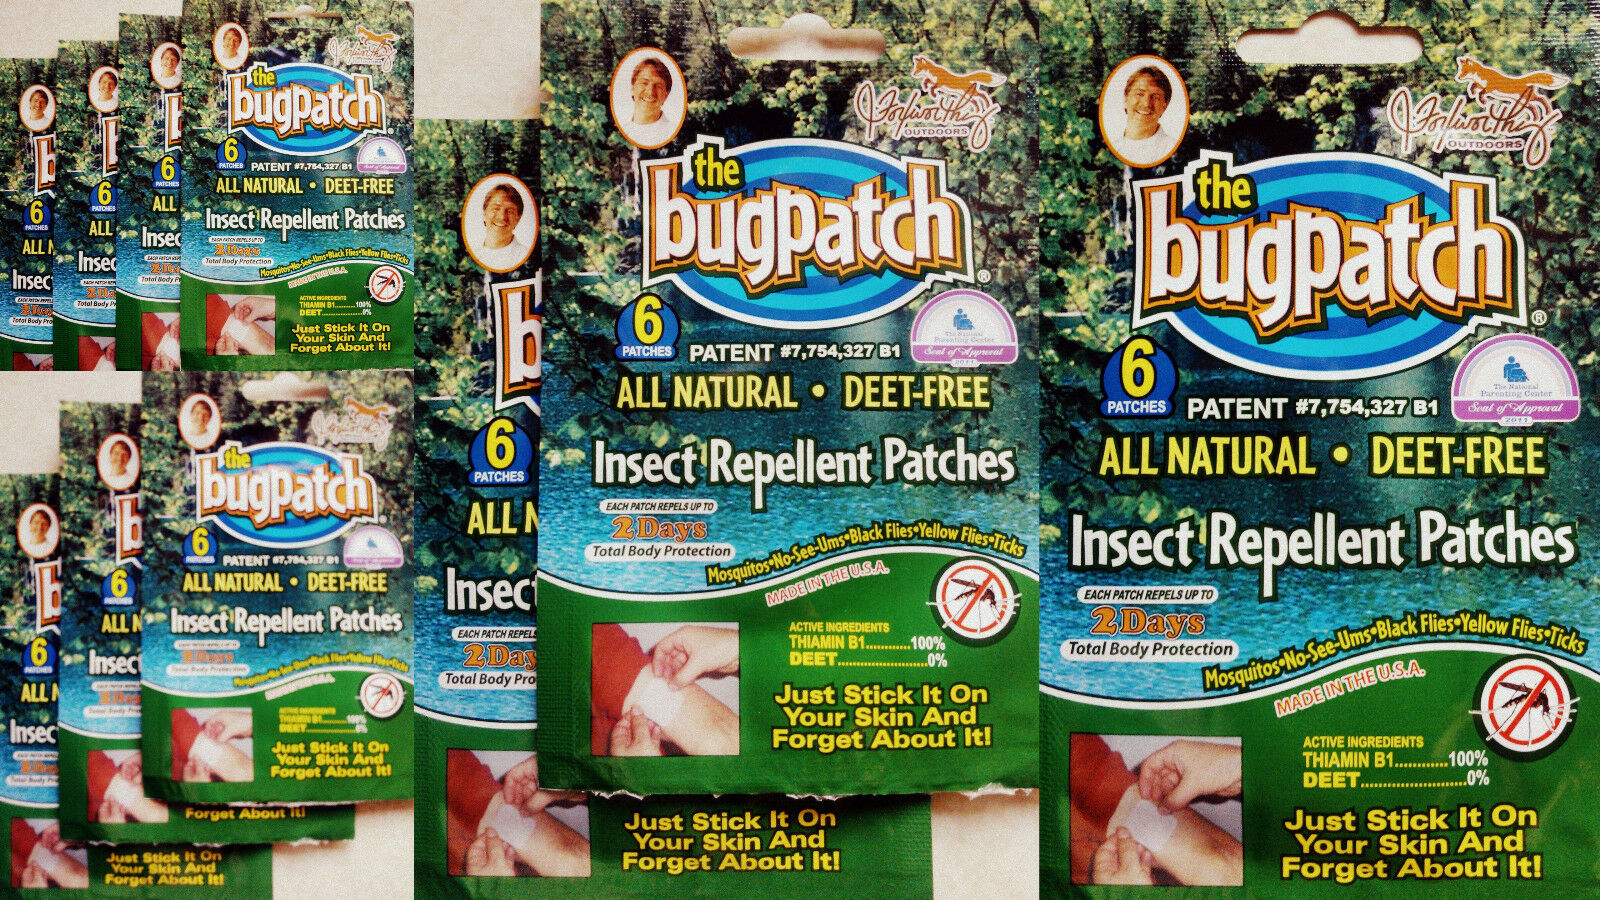 Patch Insetto Insetto Patch Repellente Per Insetti Mosi & Patch 6,12,18,24 - 60 PACCHI *** SCEGLI!!! 5e2929